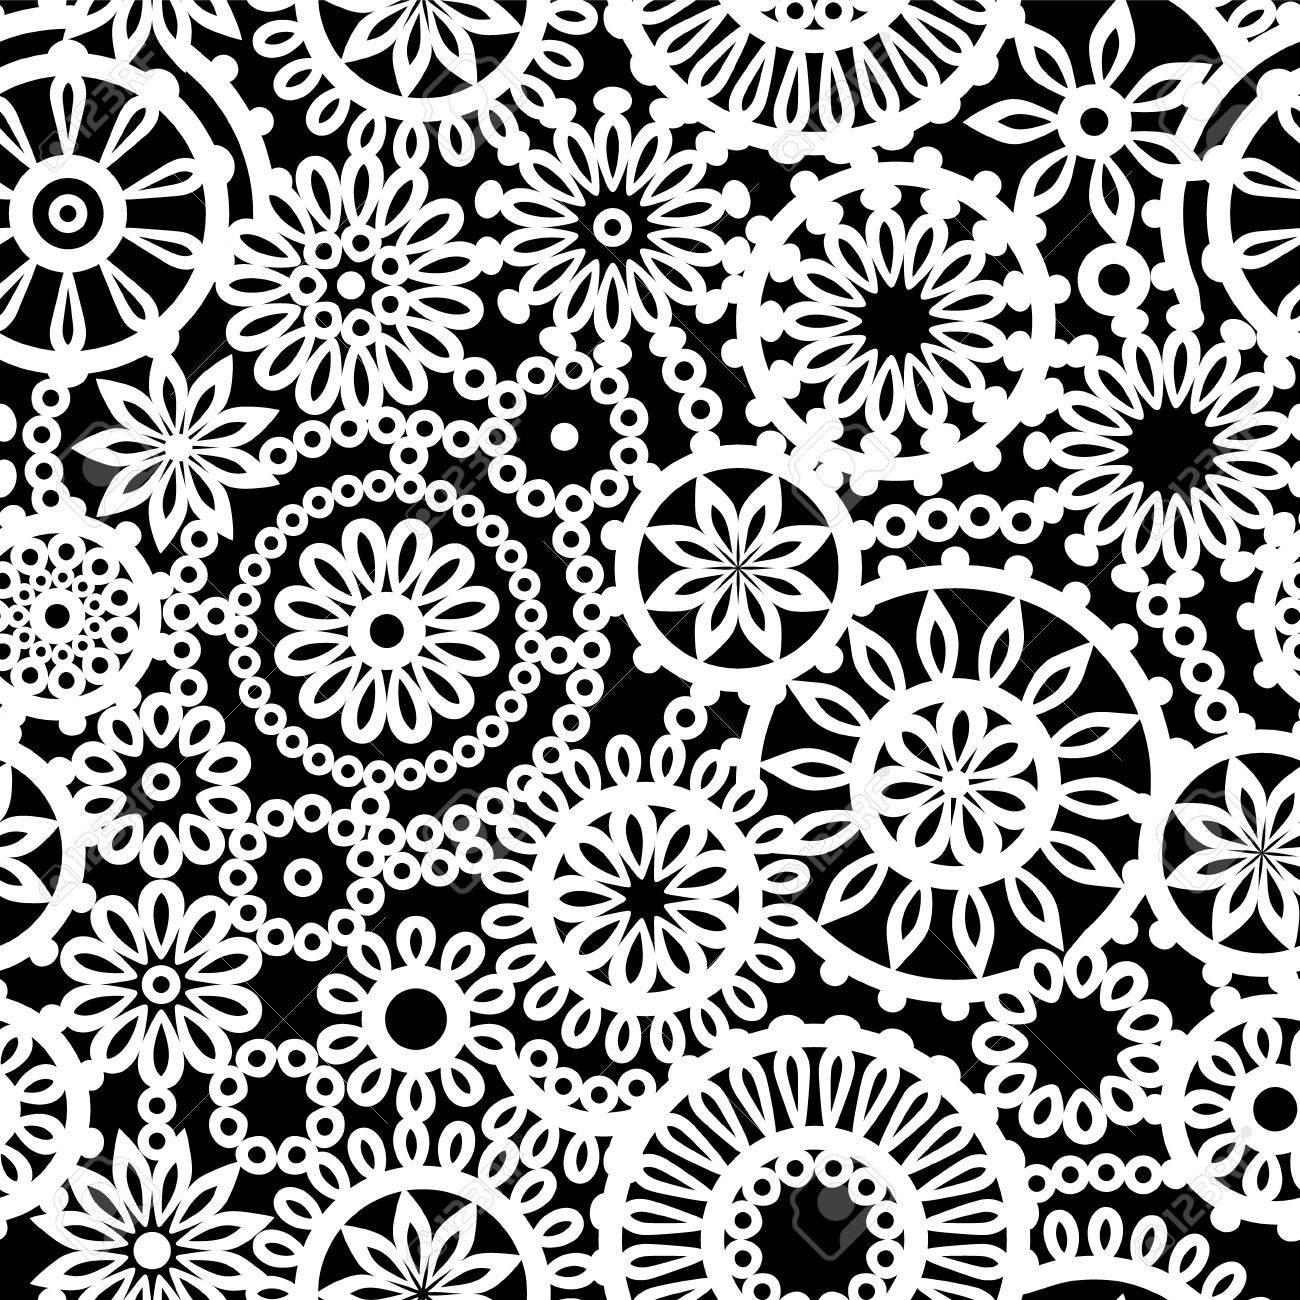 Schwarze Und Weiße Geometrische Kreis Häkeln Blumen Nahtlose Muster